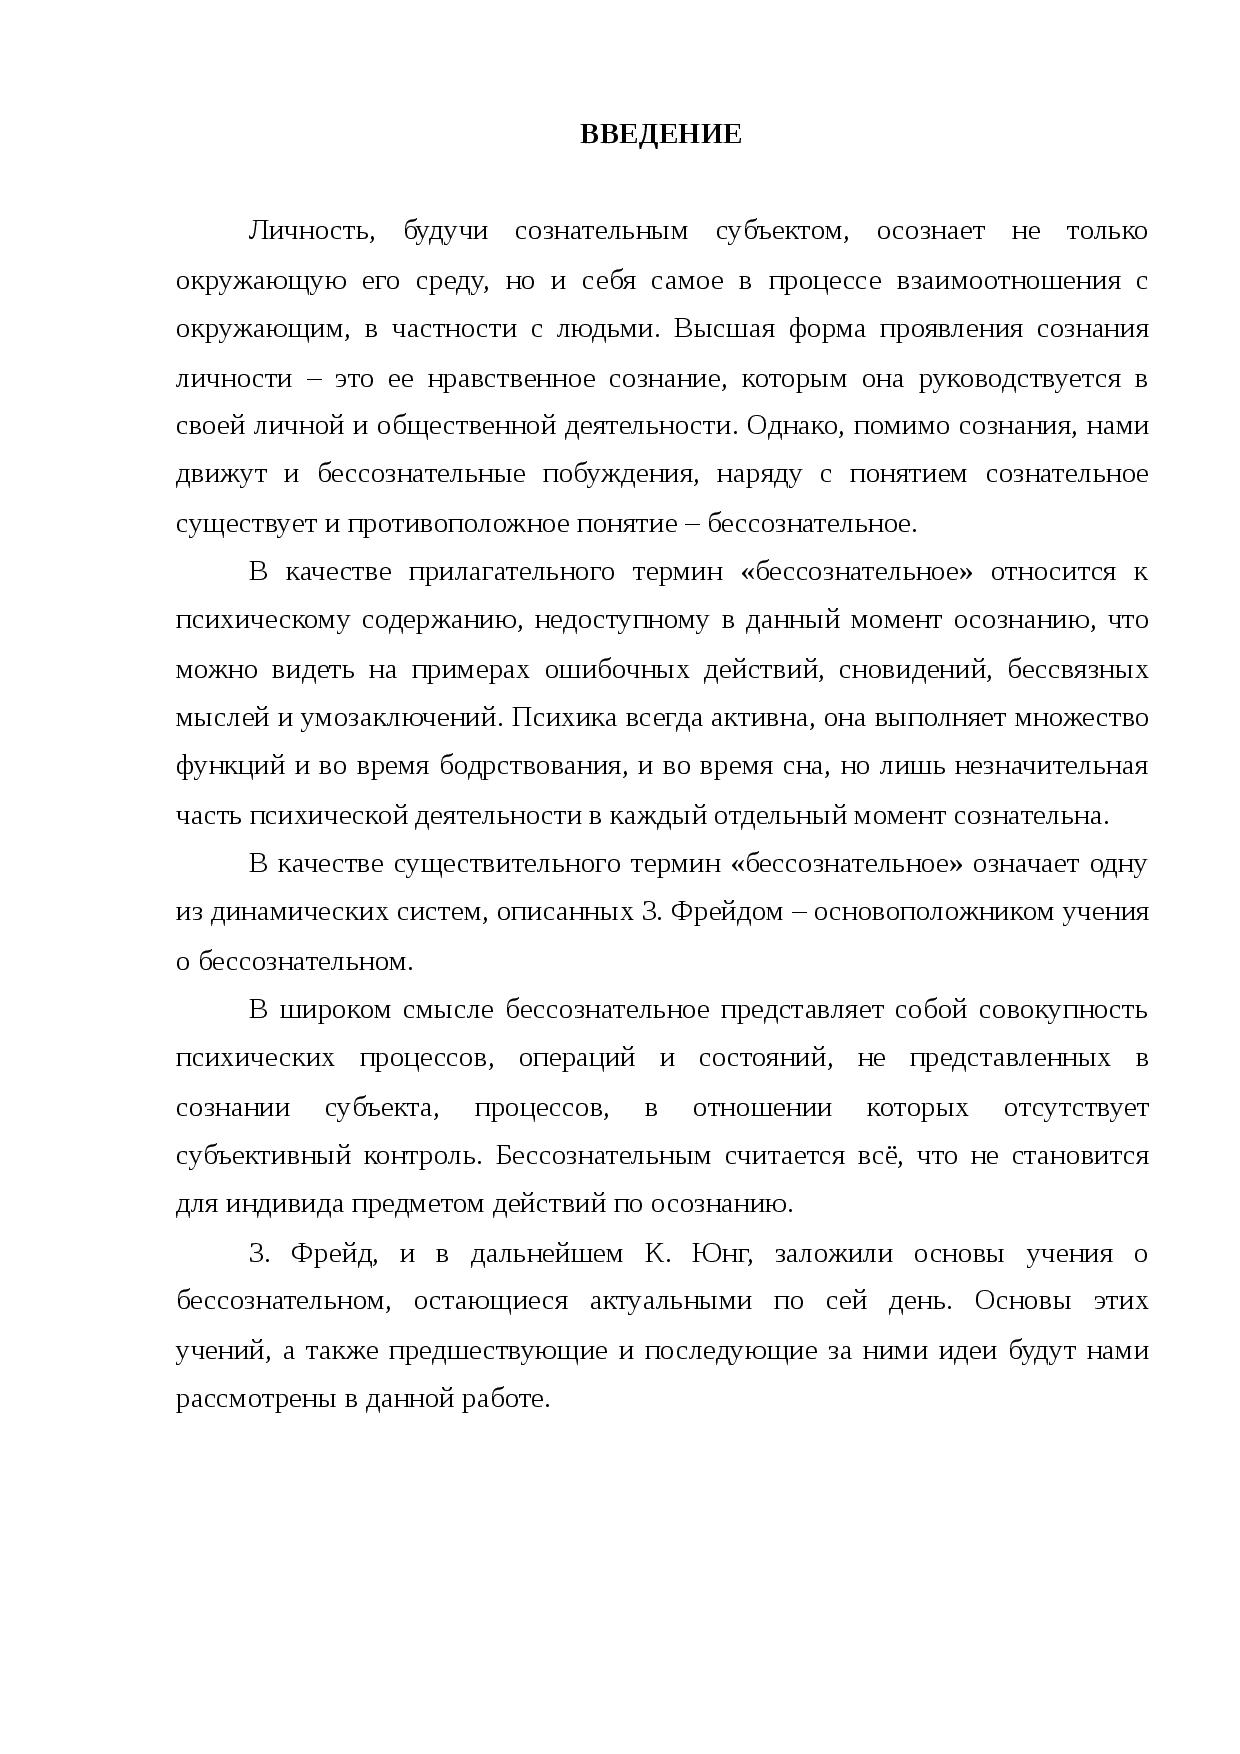 Бессознательное википедия